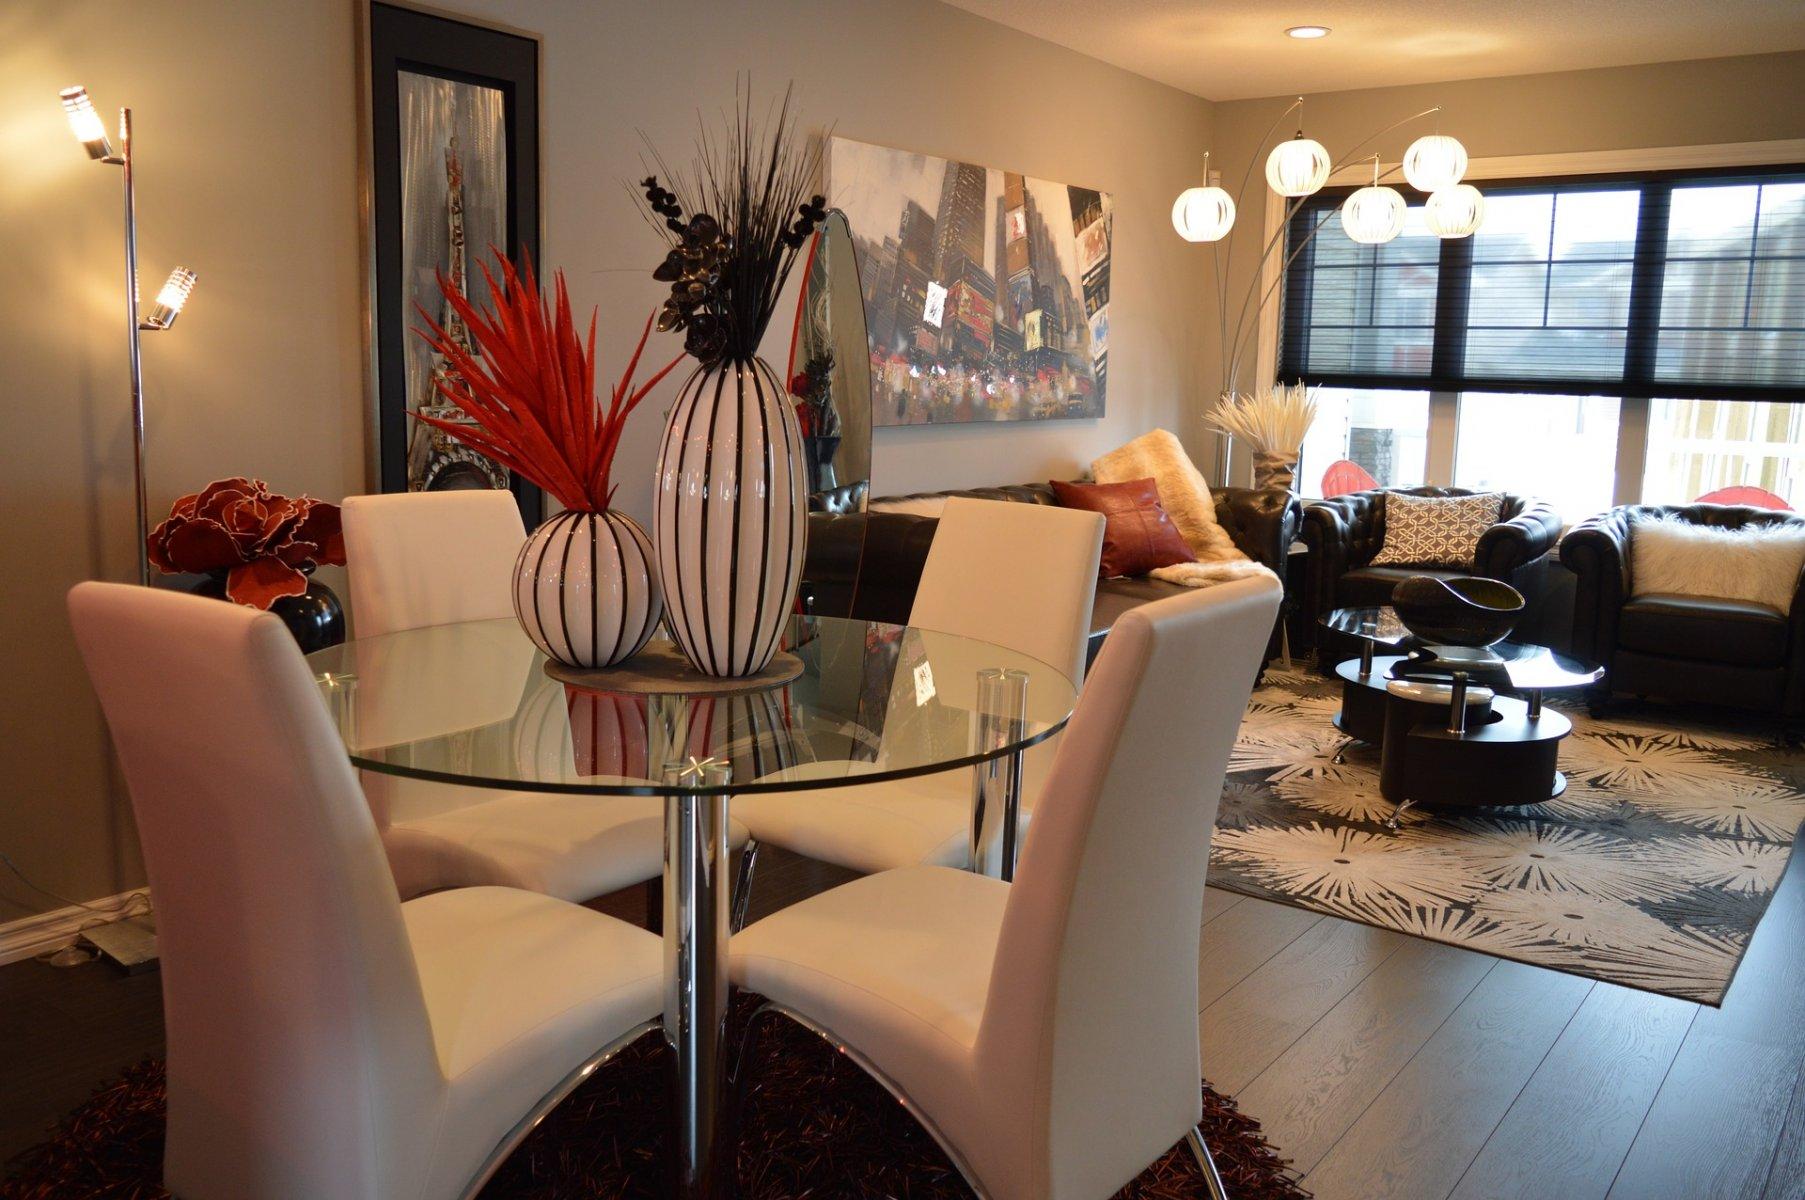 Architecte d 39 int rieur de luxe bordeaux mobilier d coration architecture c t tendance - Decoration interieur bordeaux ...